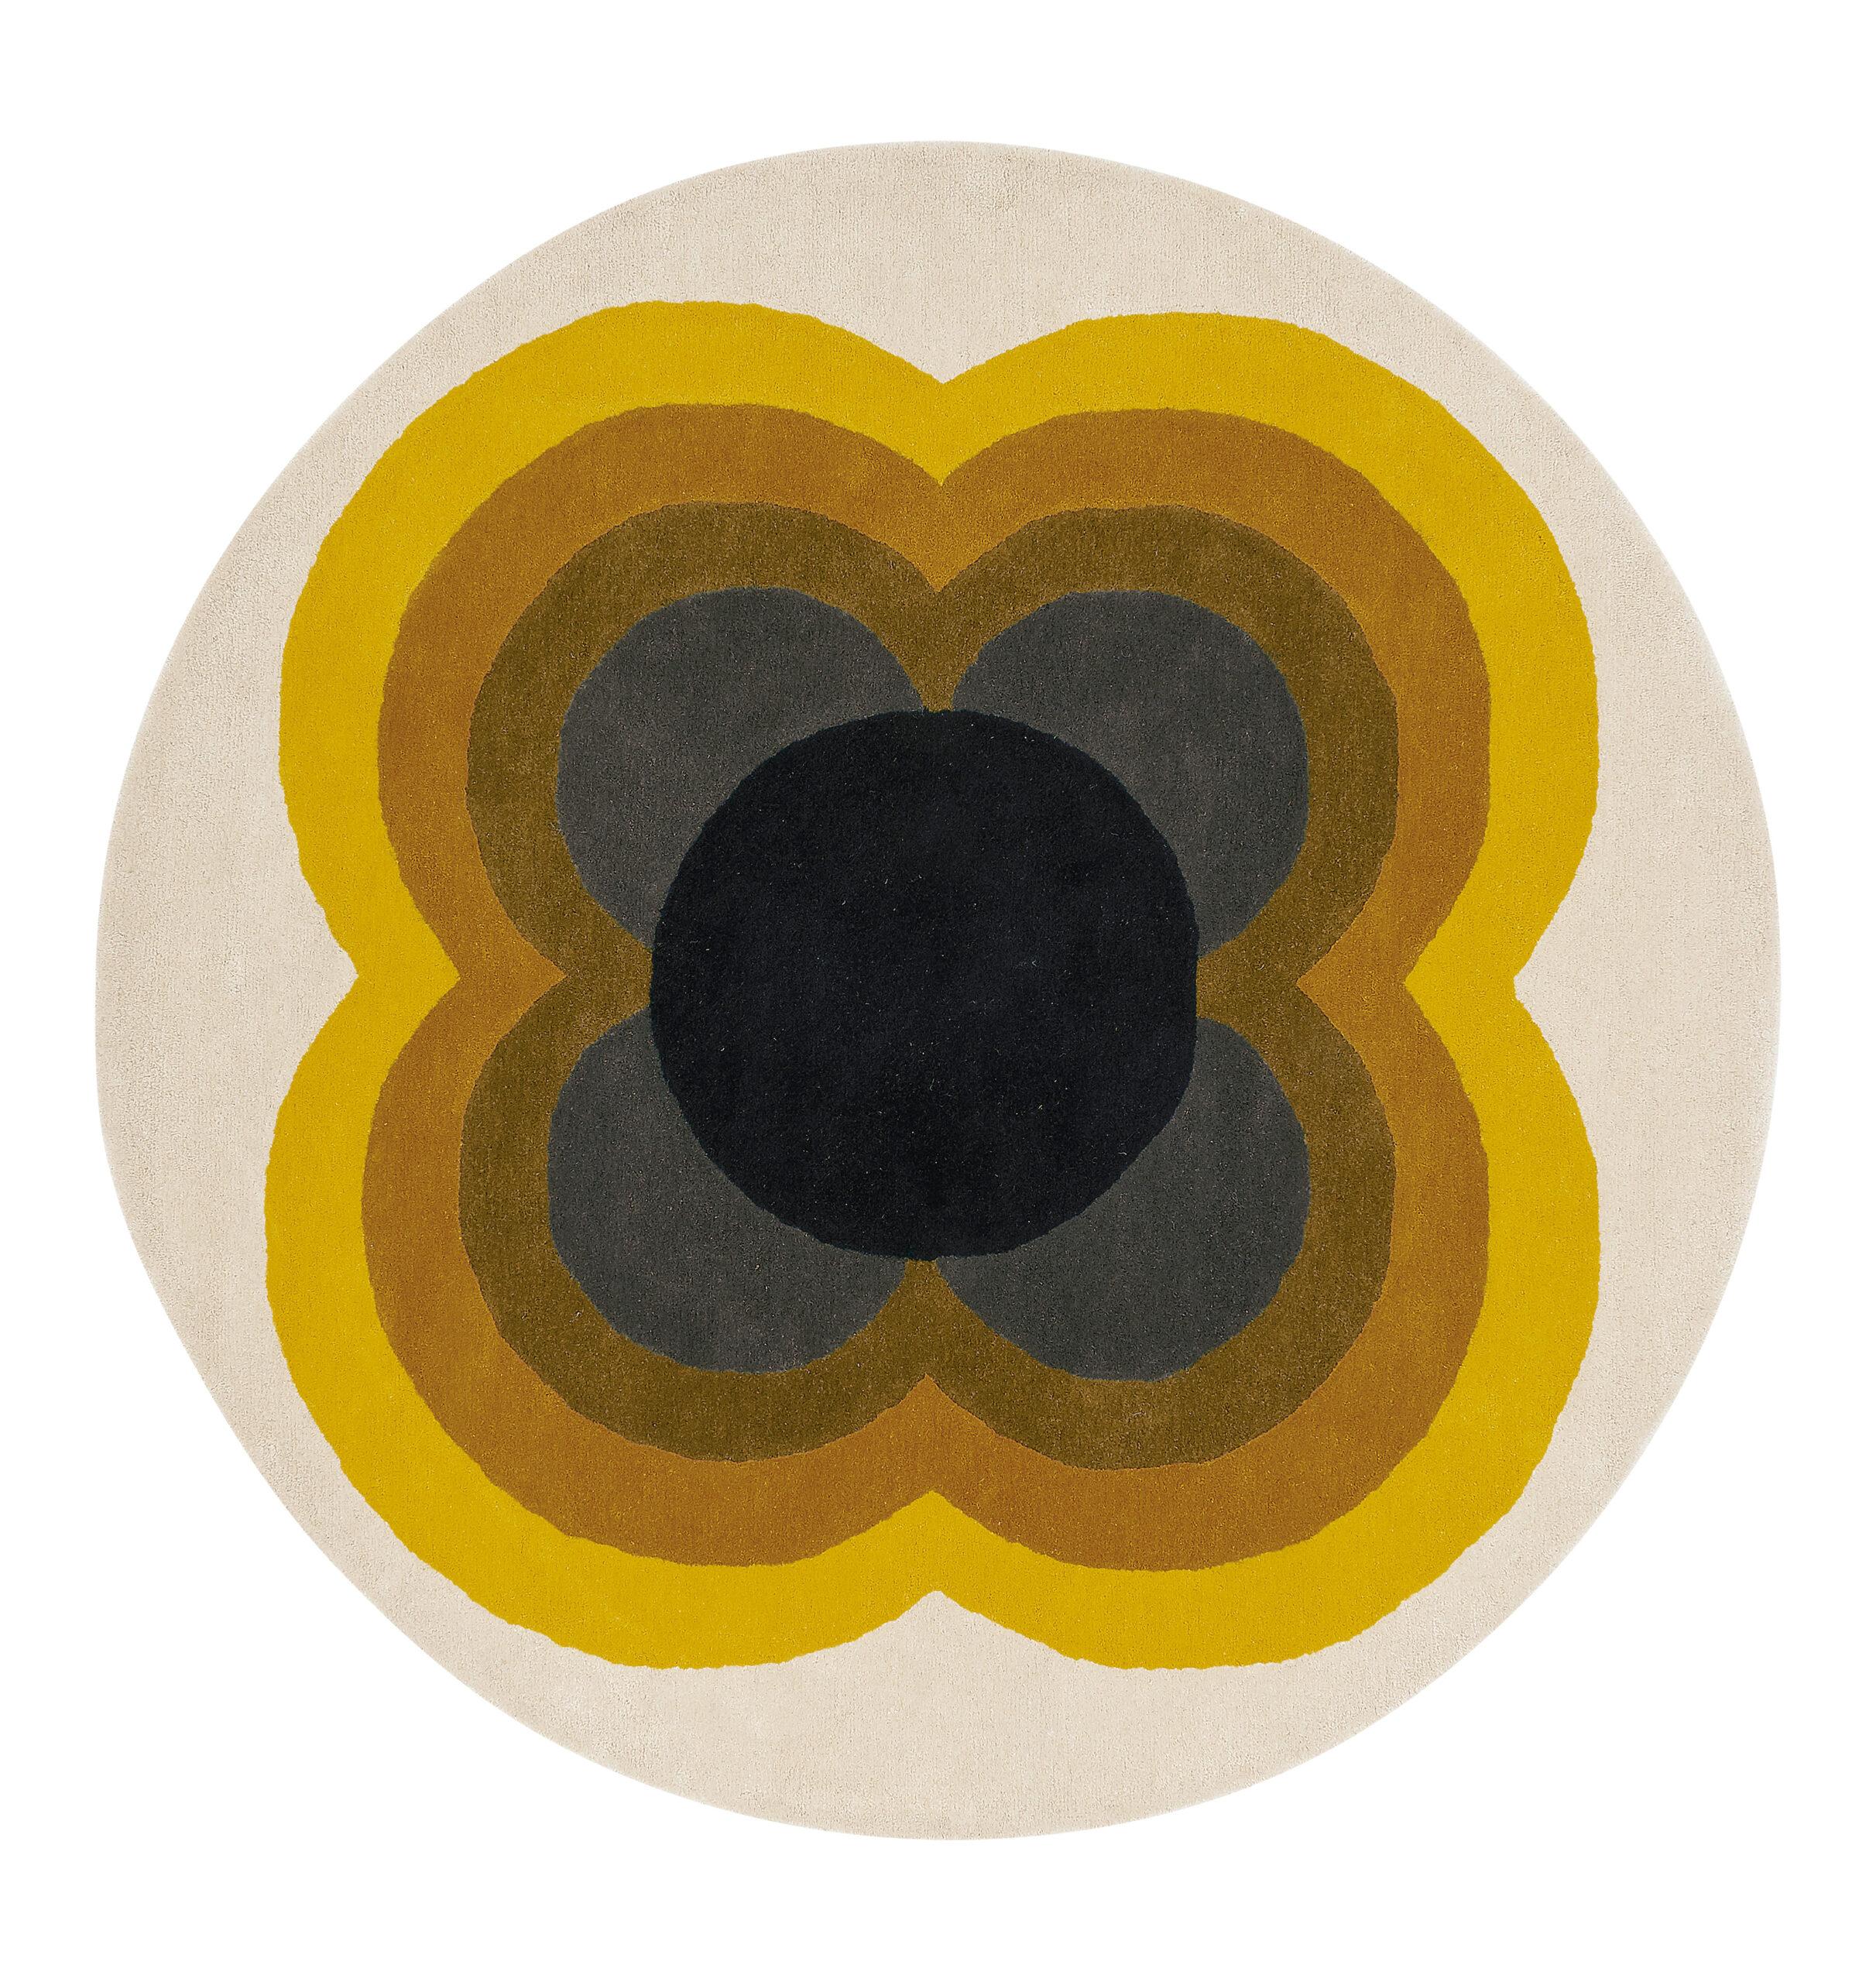 Okrągły Kolorowy Dywan w Kwiaty - SUNFLOWER YELLOW 060006 150x150